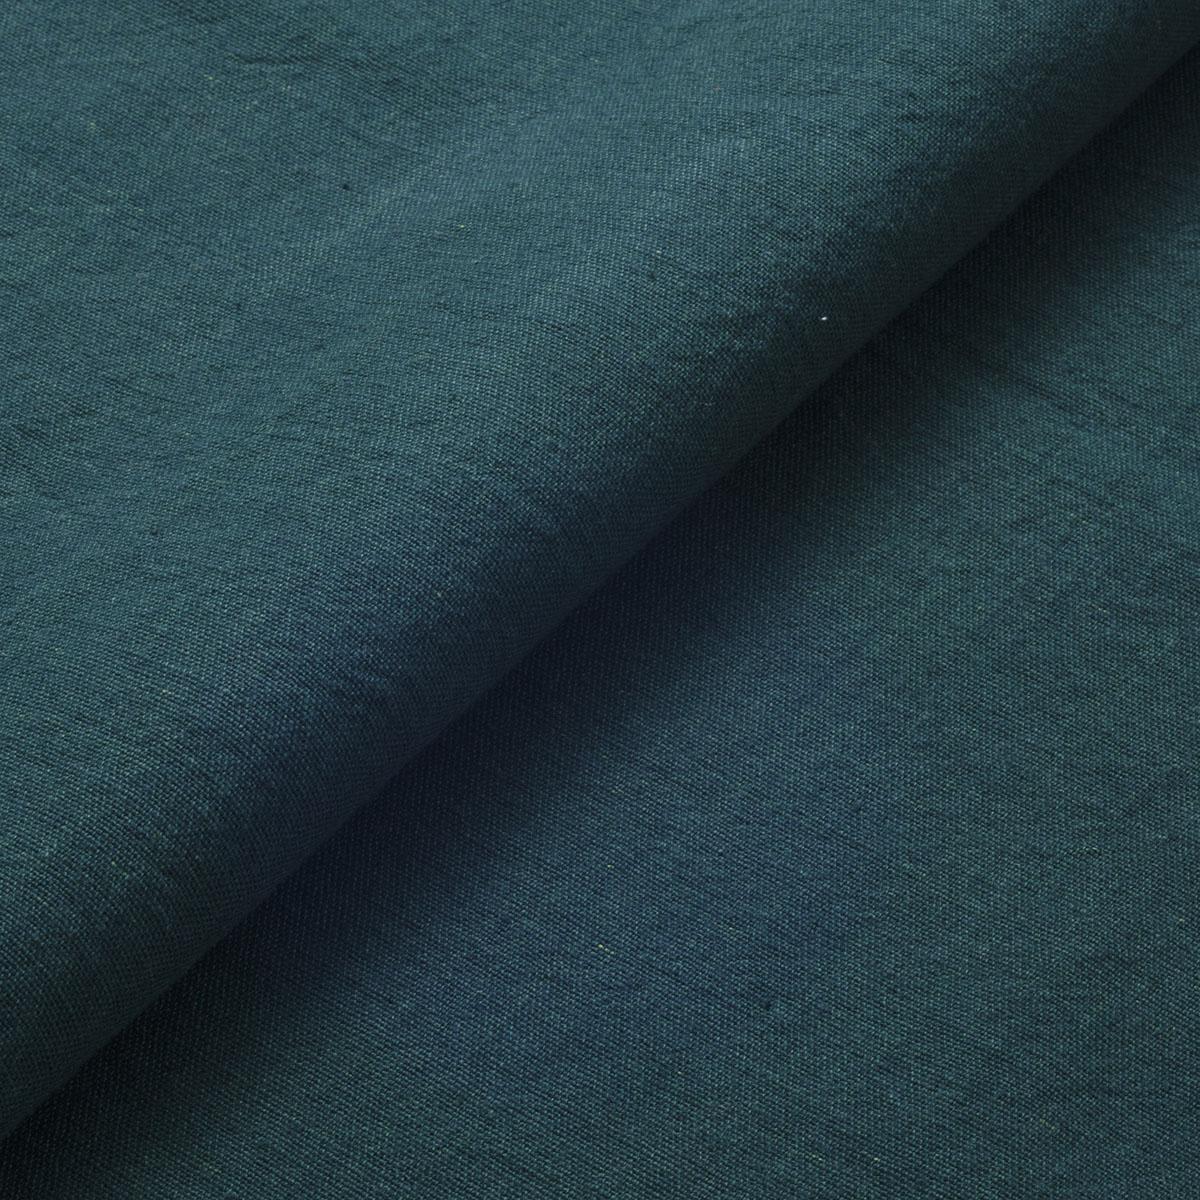 節織_藍緑